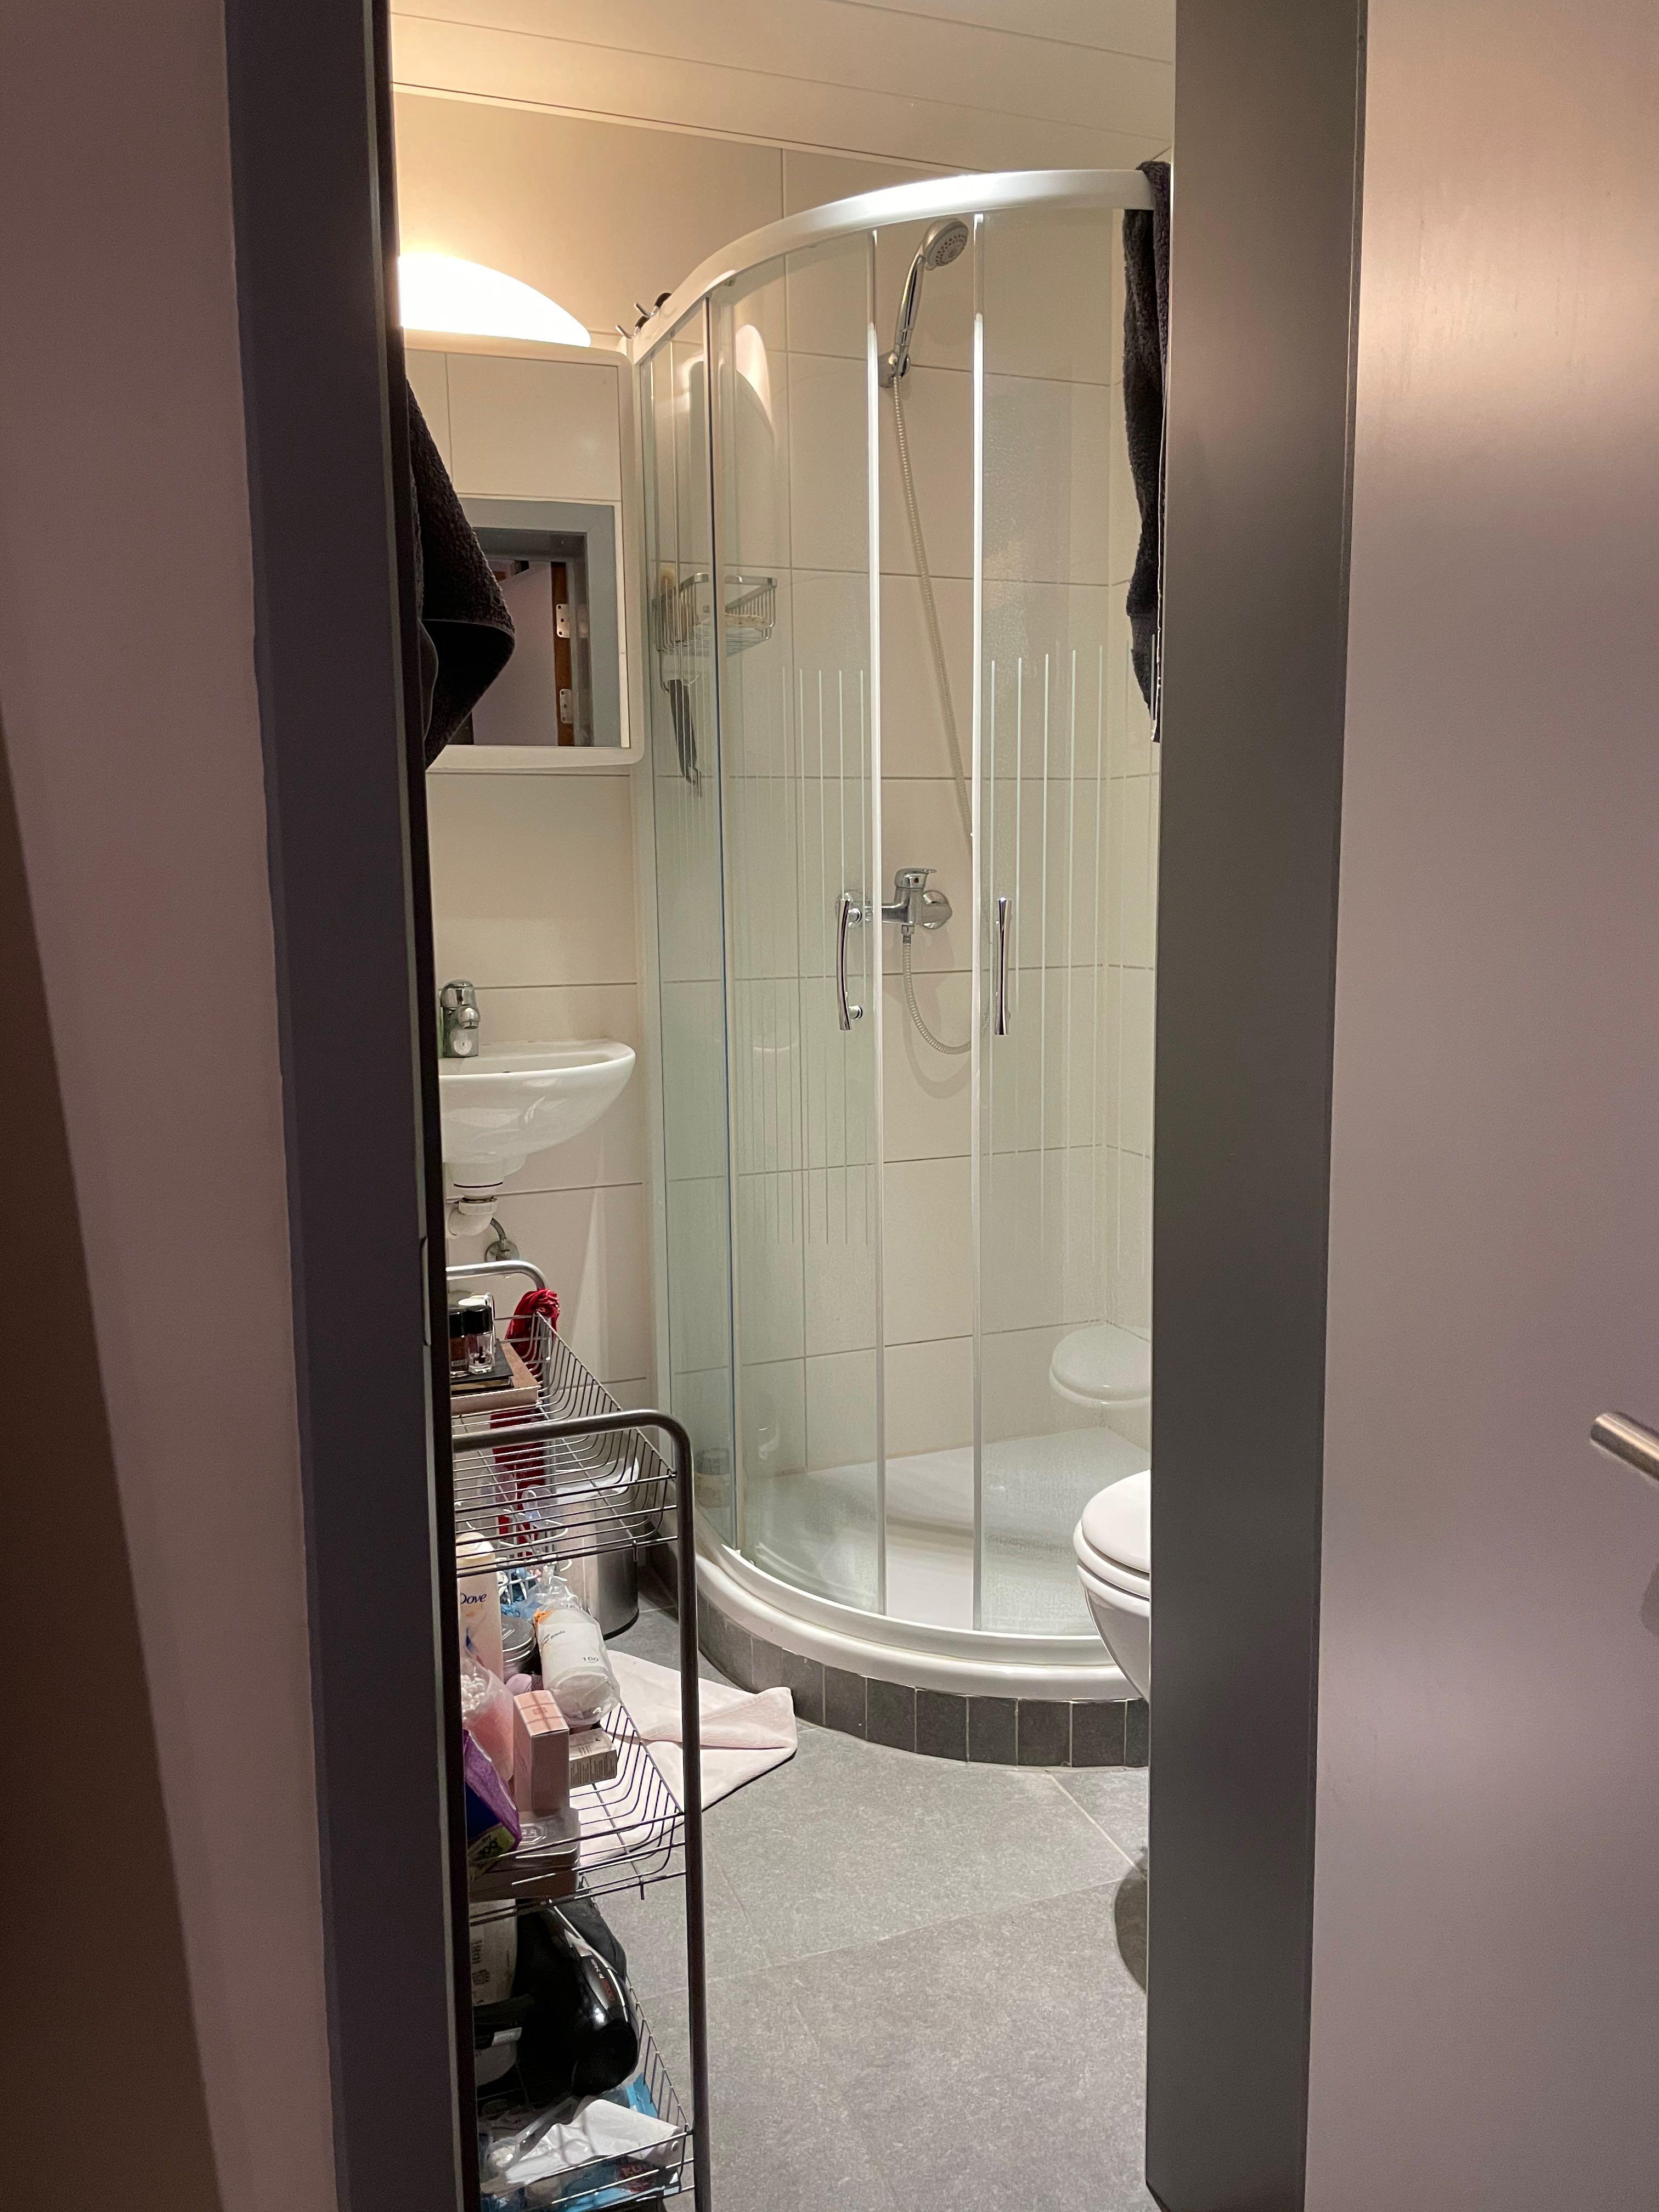 LP7-0101 - deur naar sanitair